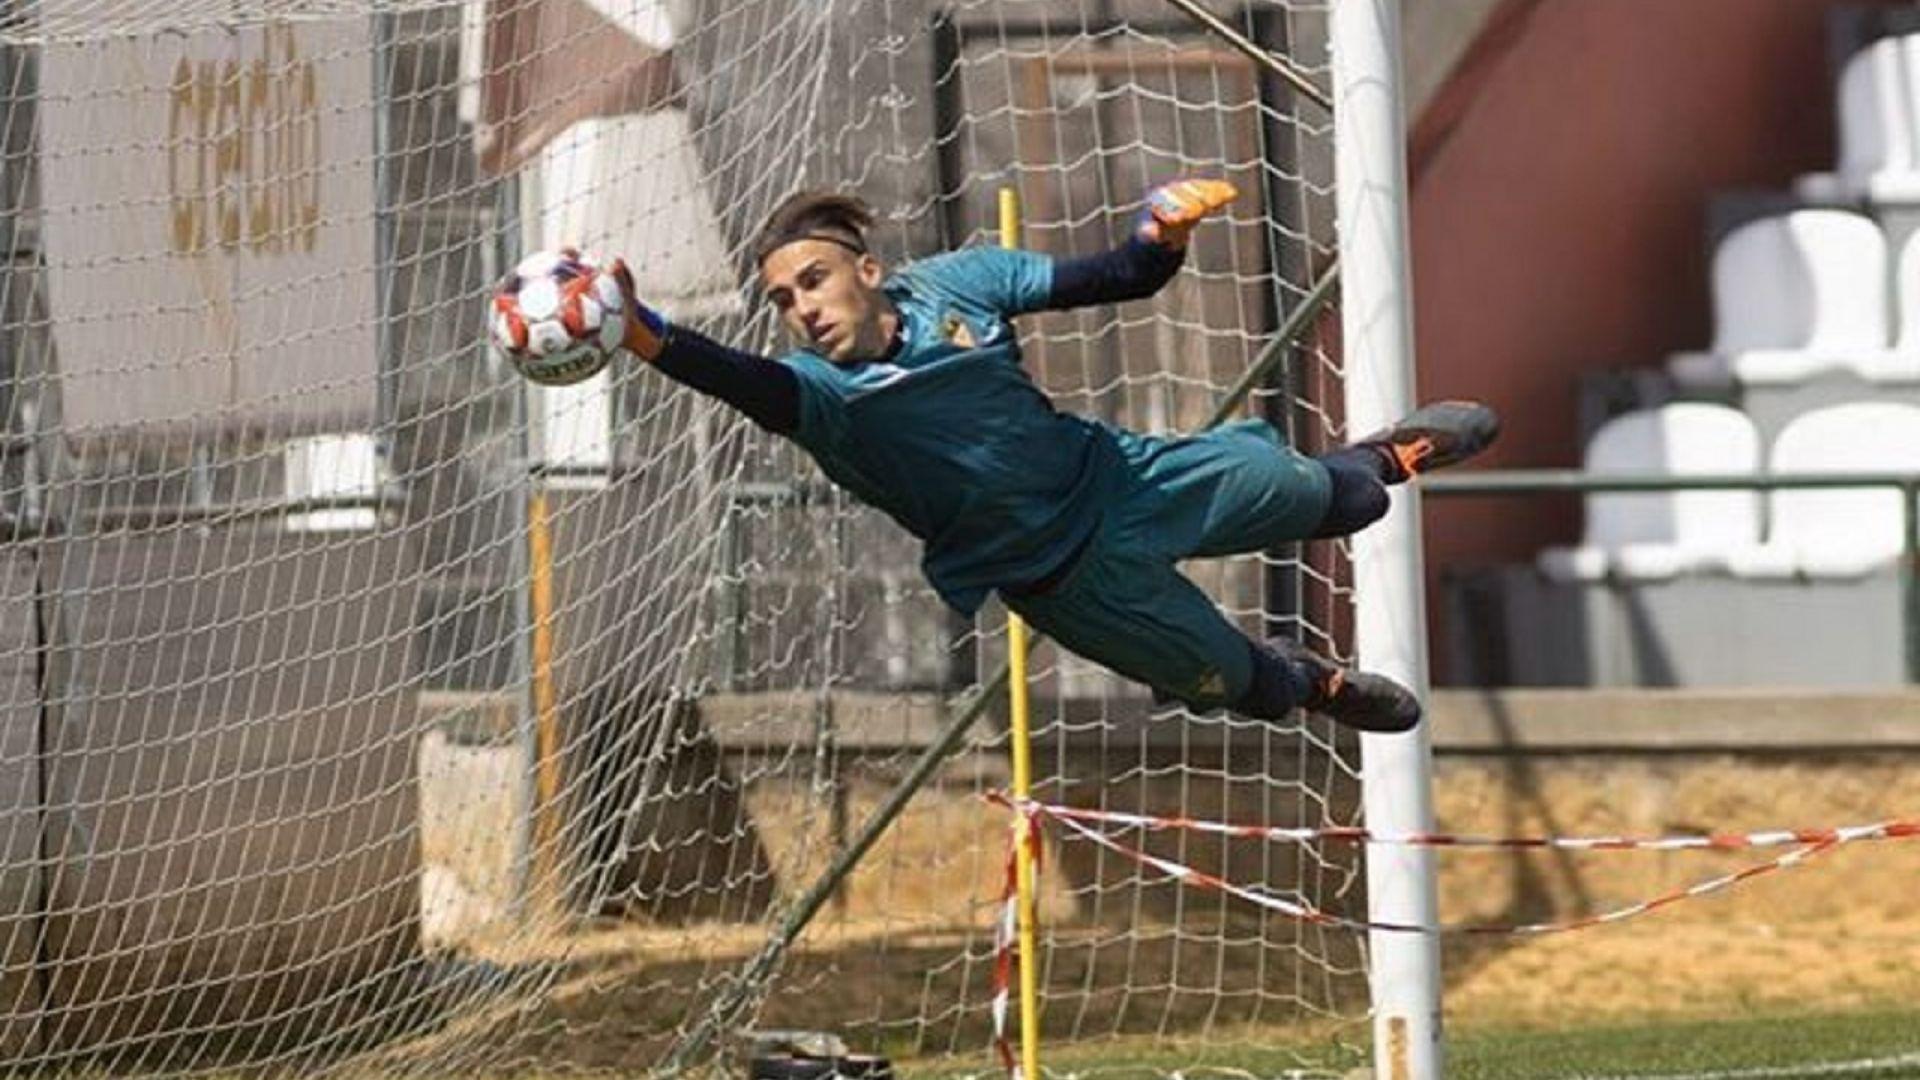 Млад български вратар дебютира в мъжкия футбол срещу гранда Бенфика